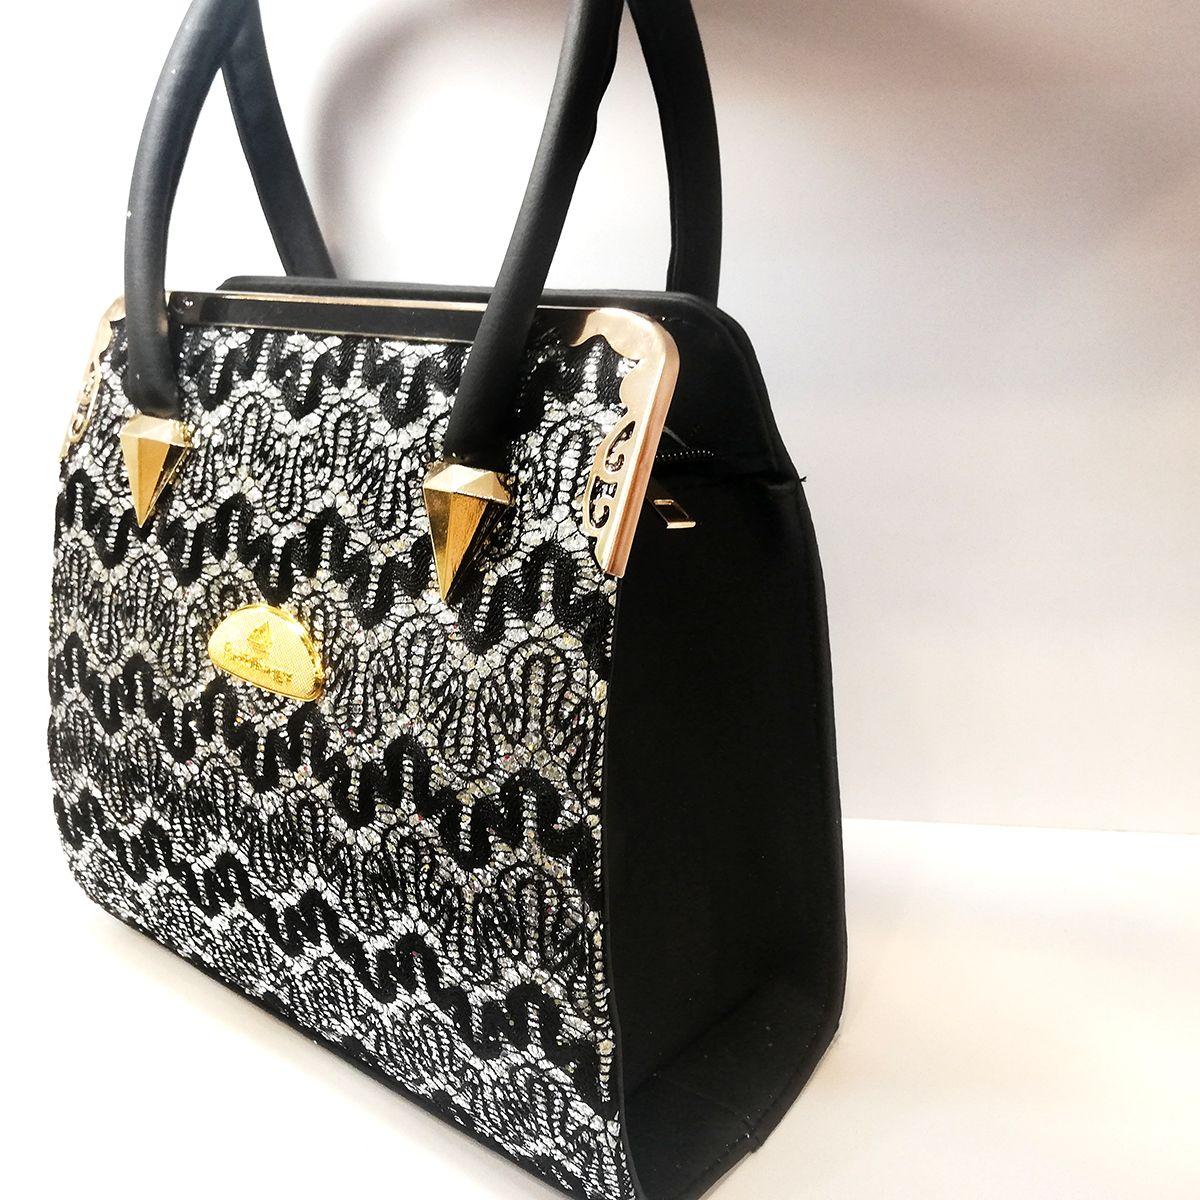 کیف دوشی زنانه کد 5757 -  - 2